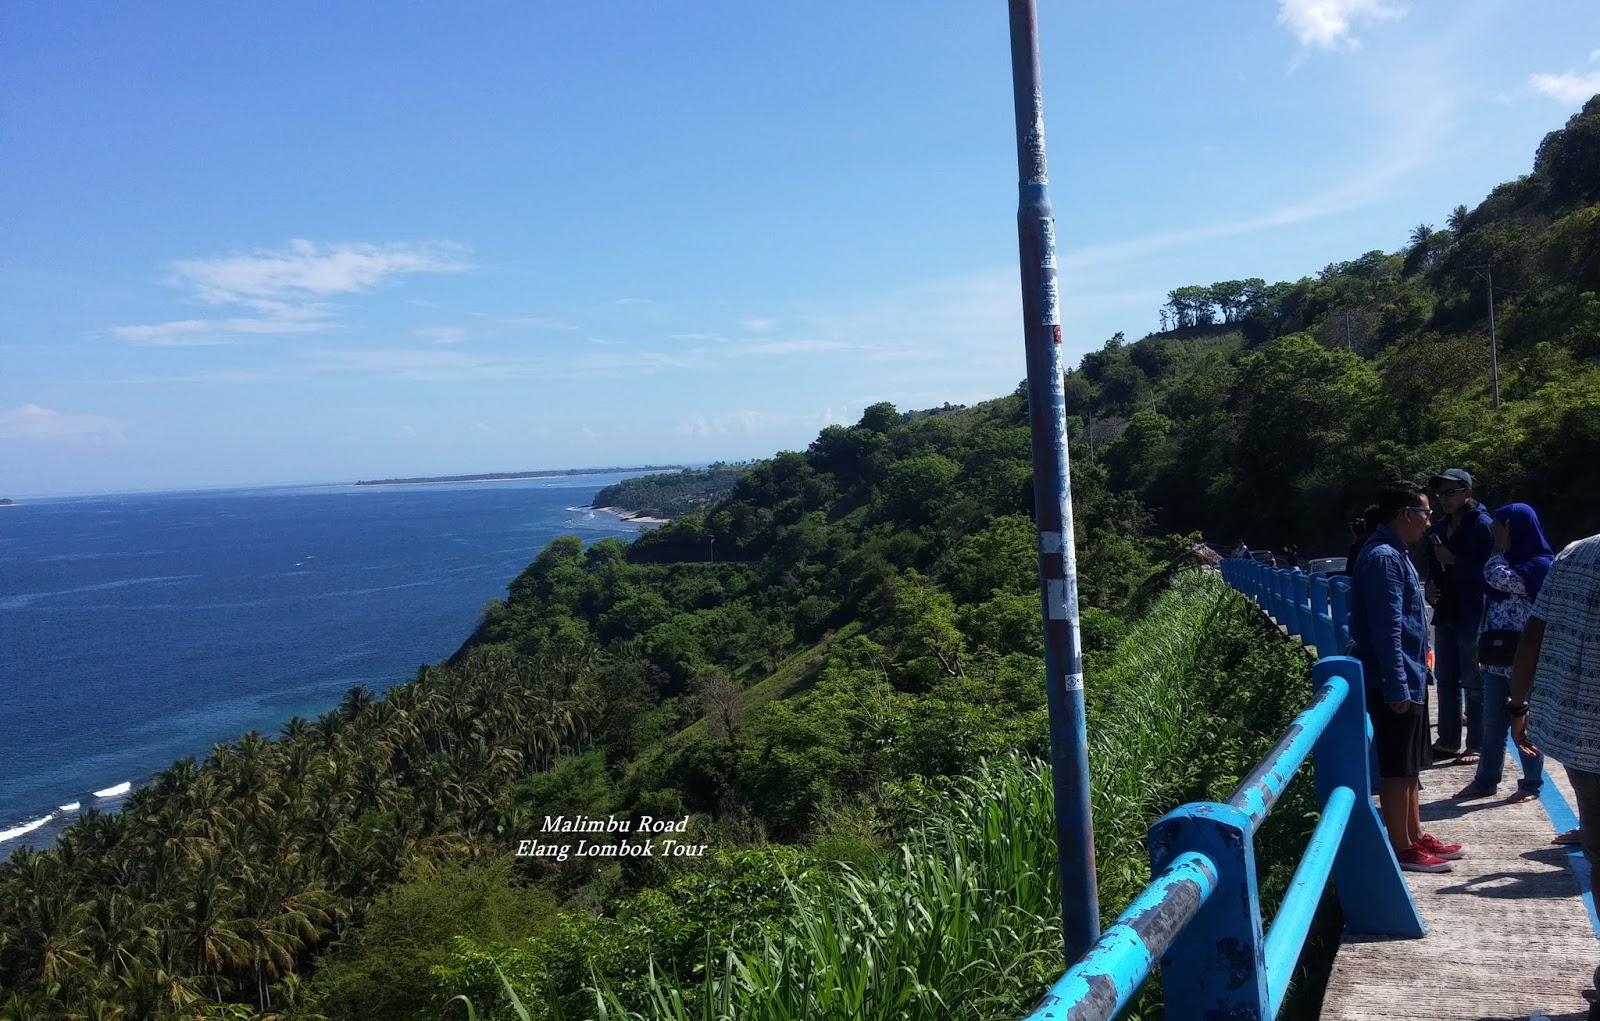 Percutian Lombok Indonesia Malimbu Http Lomboktourplus Blog Pantai Utara Sthash